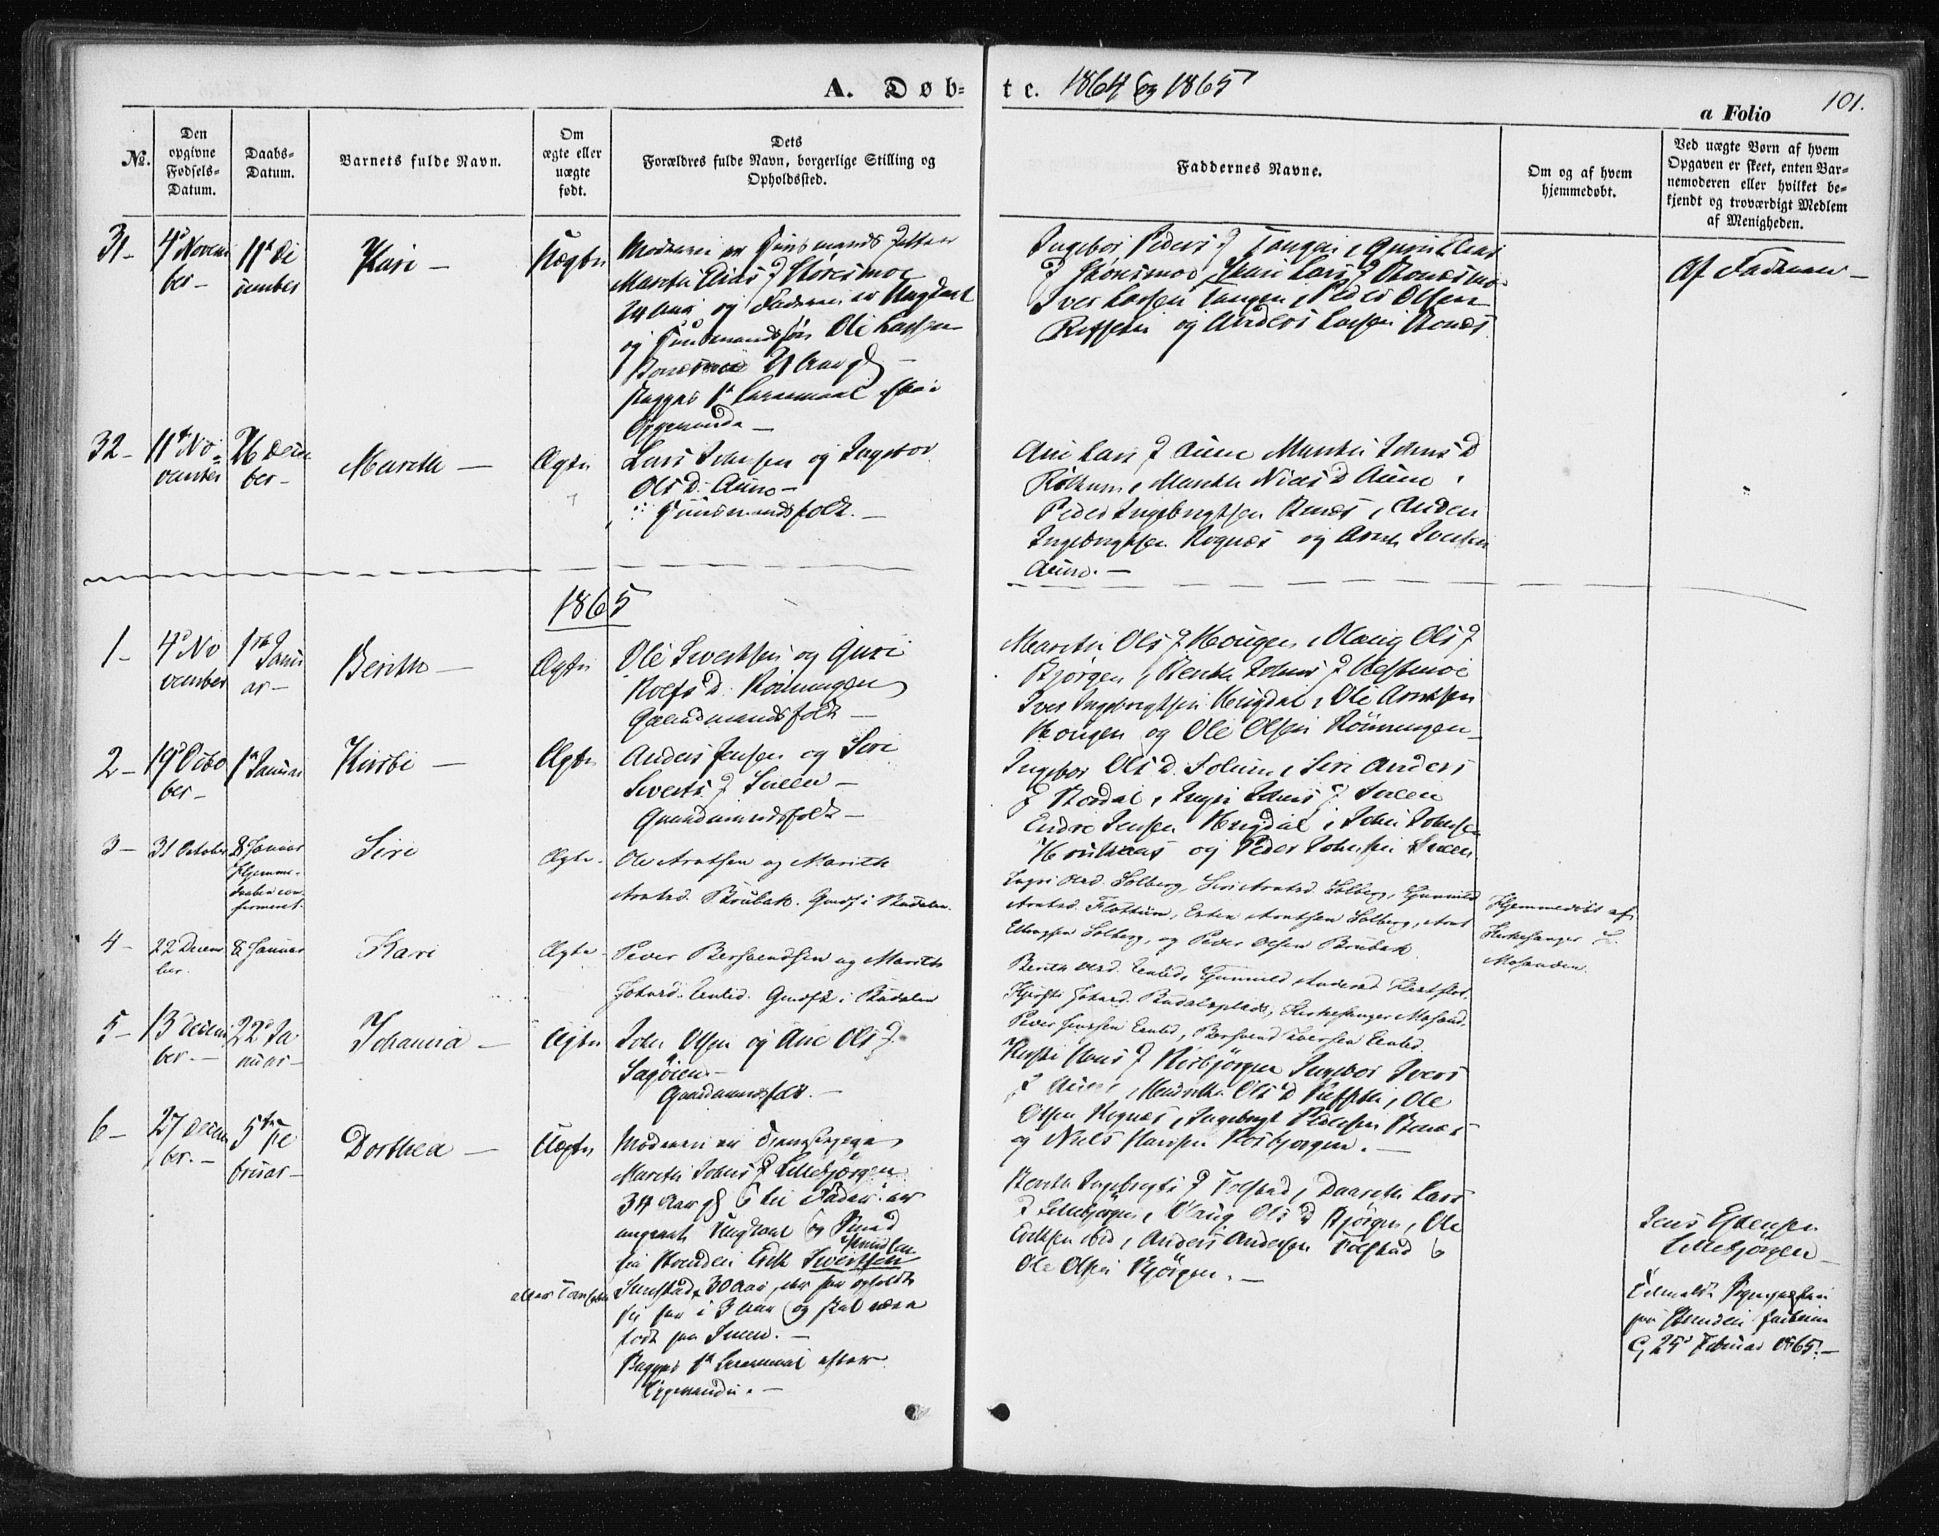 SAT, Ministerialprotokoller, klokkerbøker og fødselsregistre - Sør-Trøndelag, 687/L1000: Ministerialbok nr. 687A06, 1848-1869, s. 101